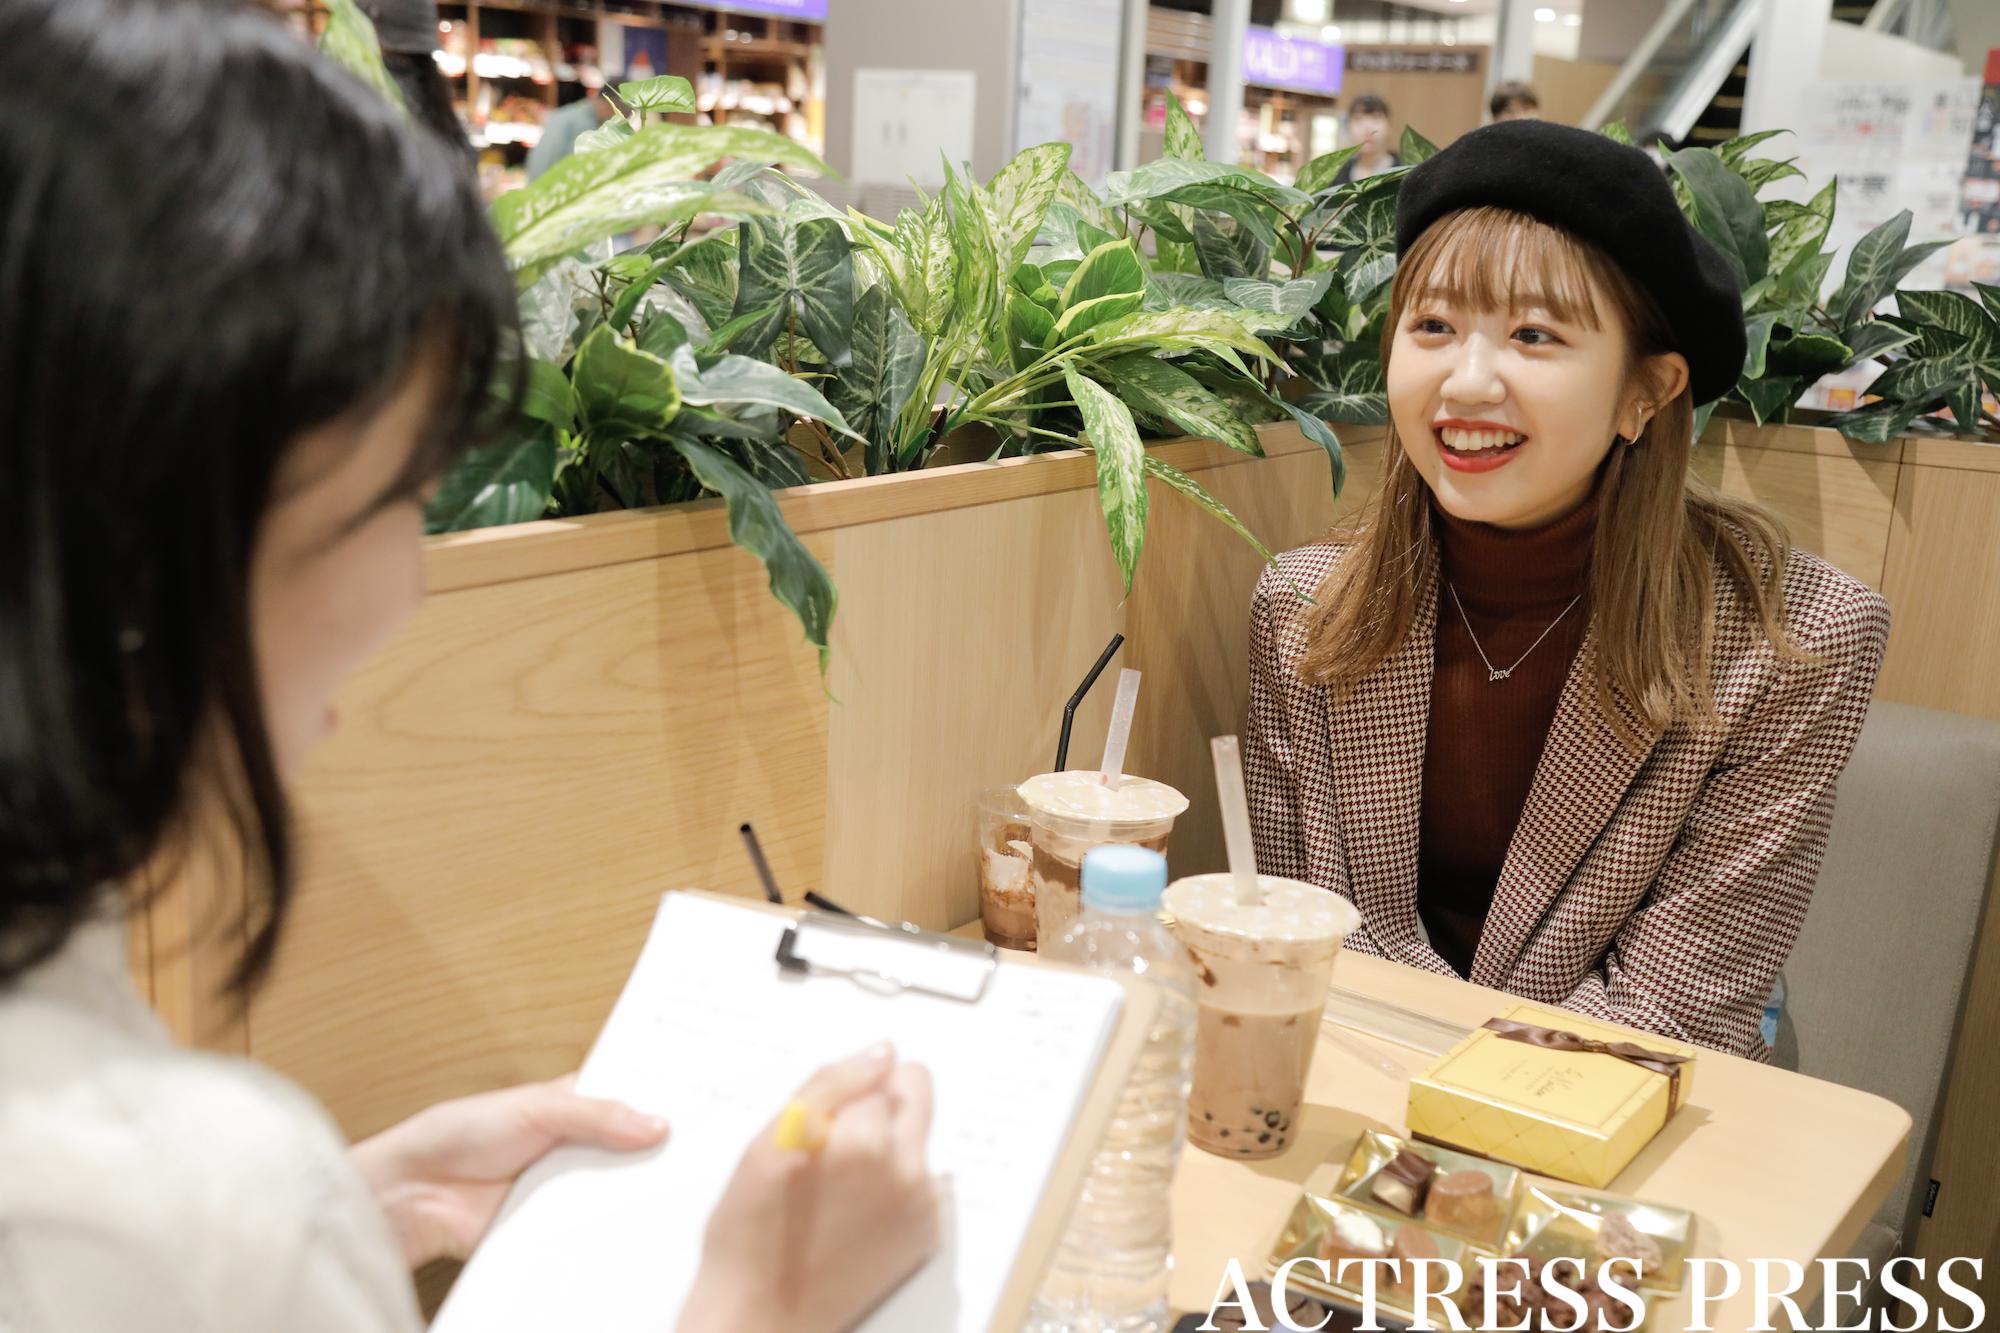 碓井玲菜/2020年1月24日、イトーヨーカドー葛西店のバレンタインイベントにて/撮影:ACTRESS PRESS編集部